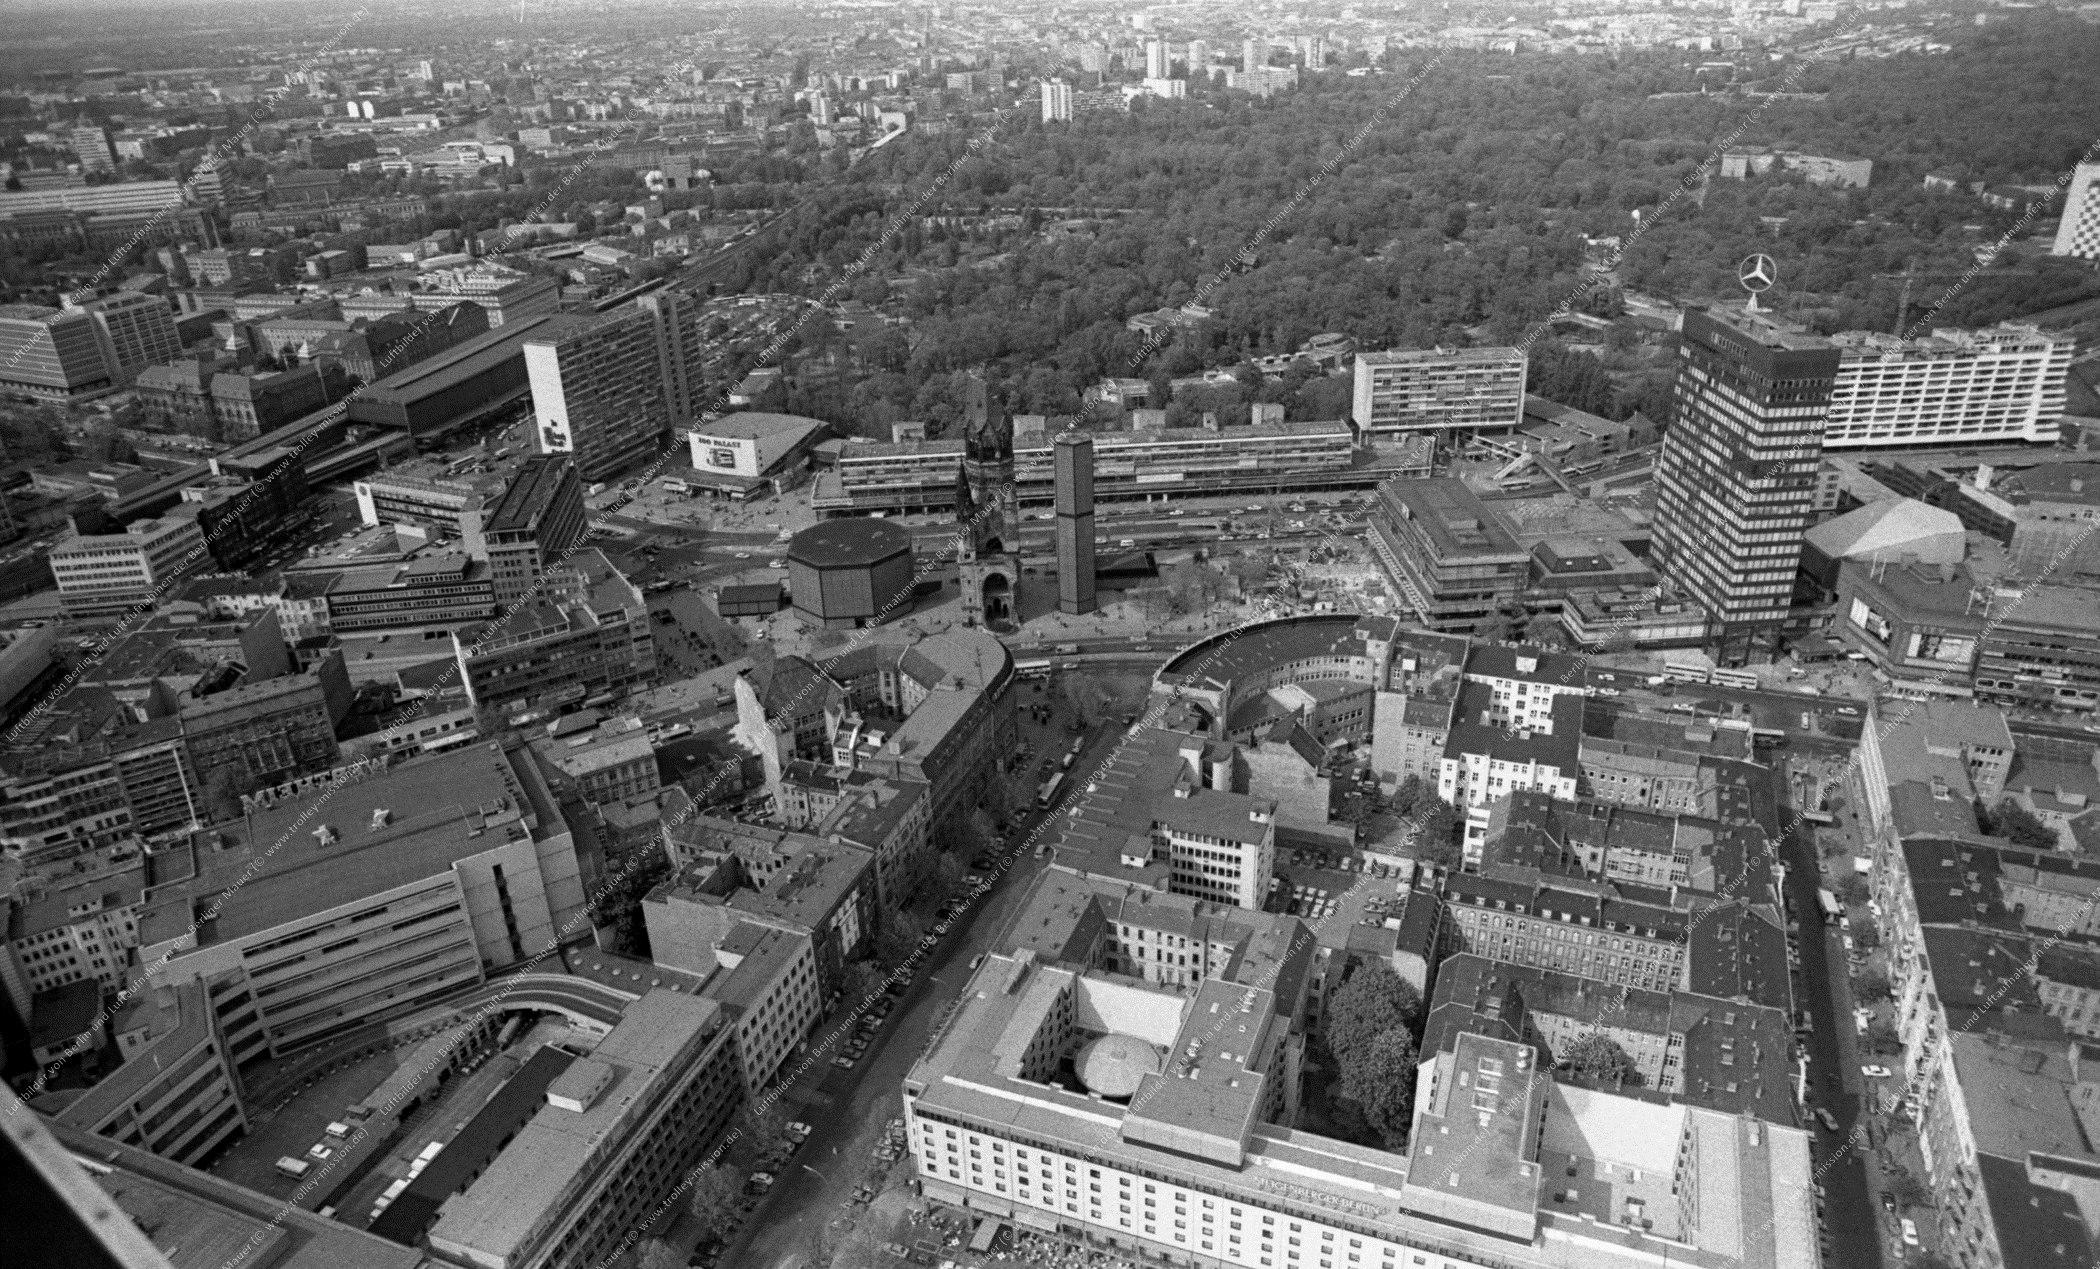 Luftaufnahme Kaiser-Wilhelm-Gedächtniskirche vom 9. März 1982 (Bild 105)